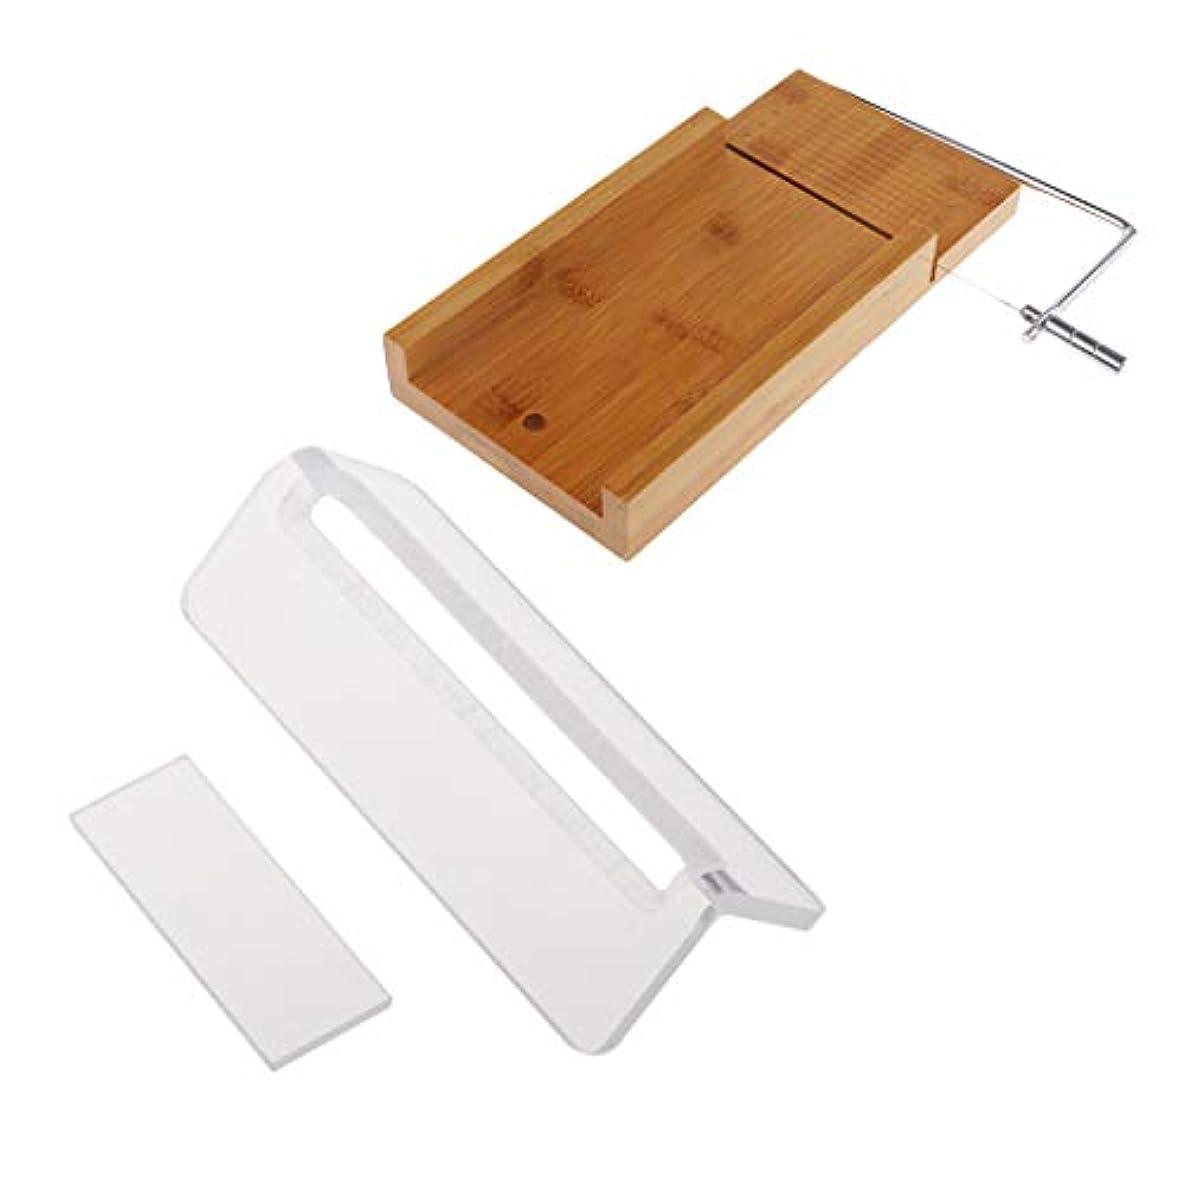 落ち着いたエクスタシー国内の木製 石鹸カッター 石けん 包丁 せっけんカッター ソープカッター チーズカッター 多機能 丈夫 2個入り